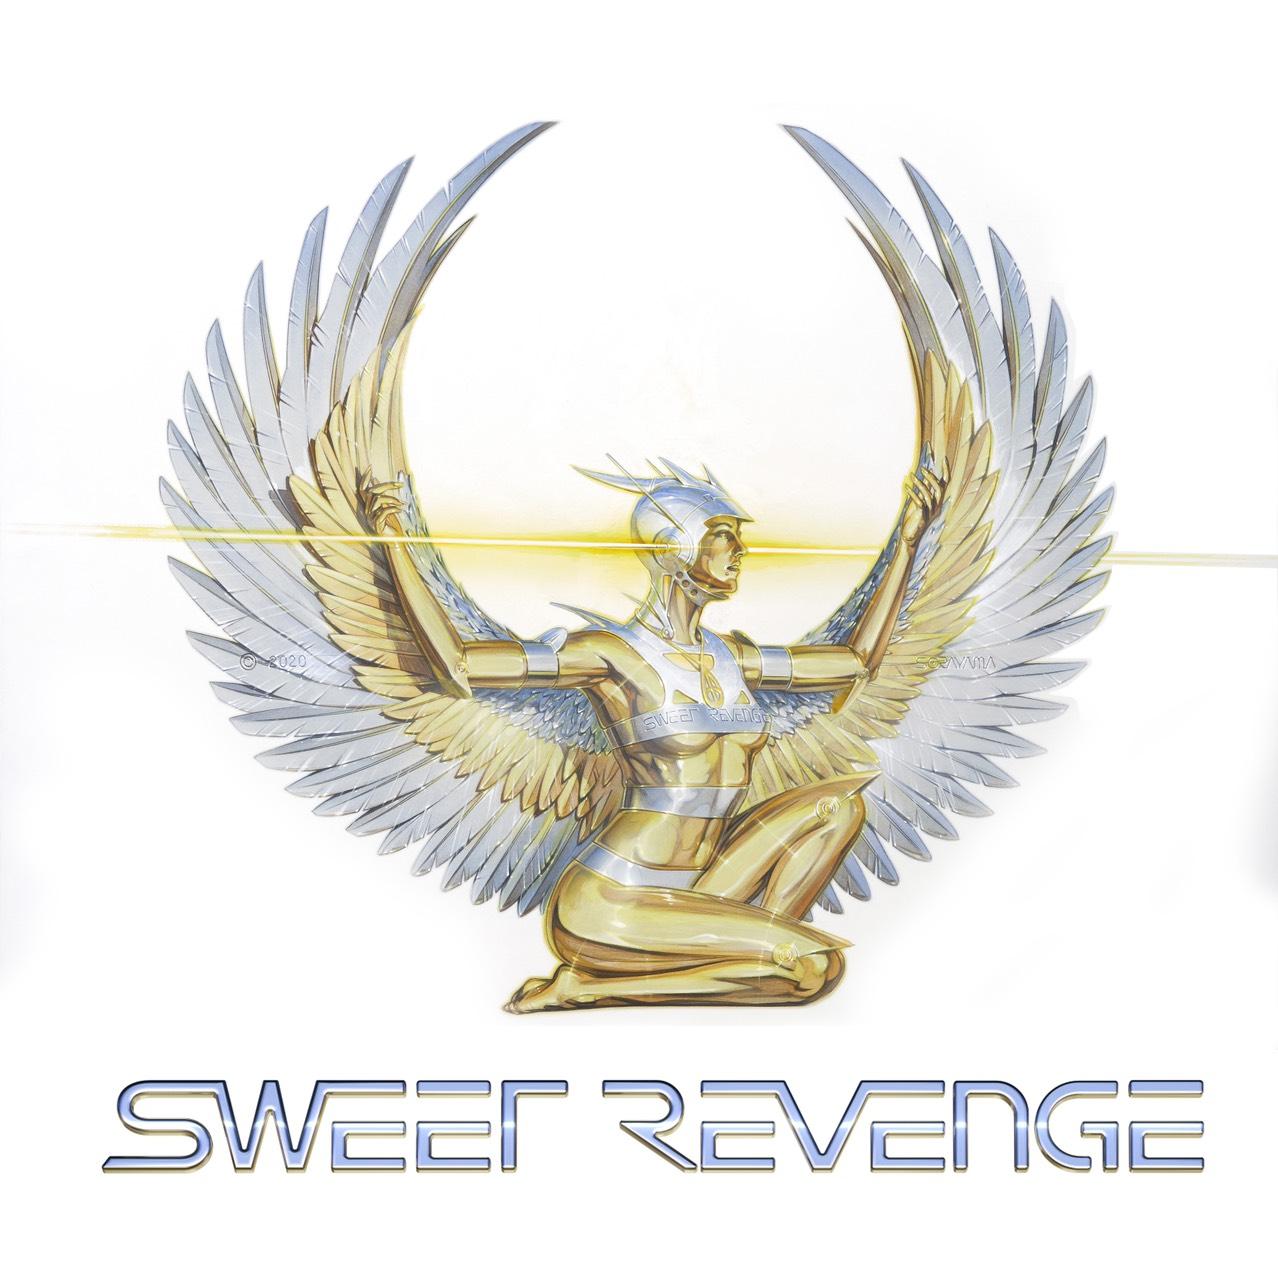 武部柚那が新たにユニットを組む「SWEET REVENGE」